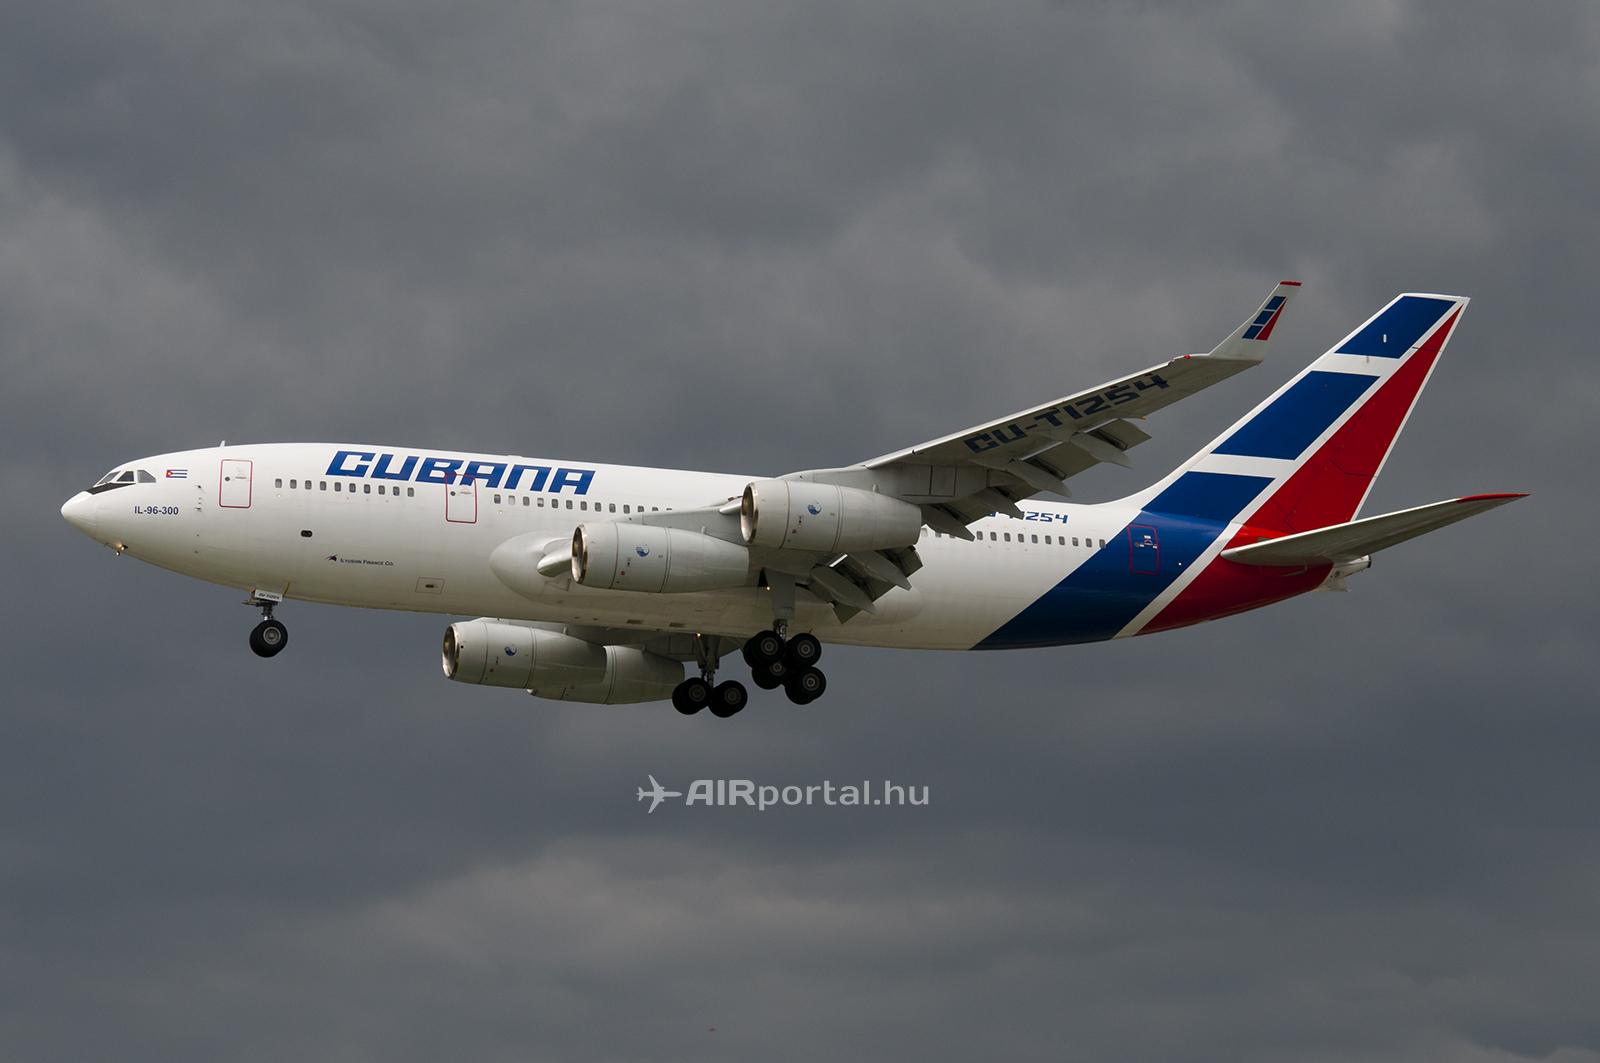 A Cubana Airlines elméletileg igen, gyakorlatilag nem kaphat még repülési jogot az USA-ba.(Fotó: AIRportal.hu) | © AIRportal.hu